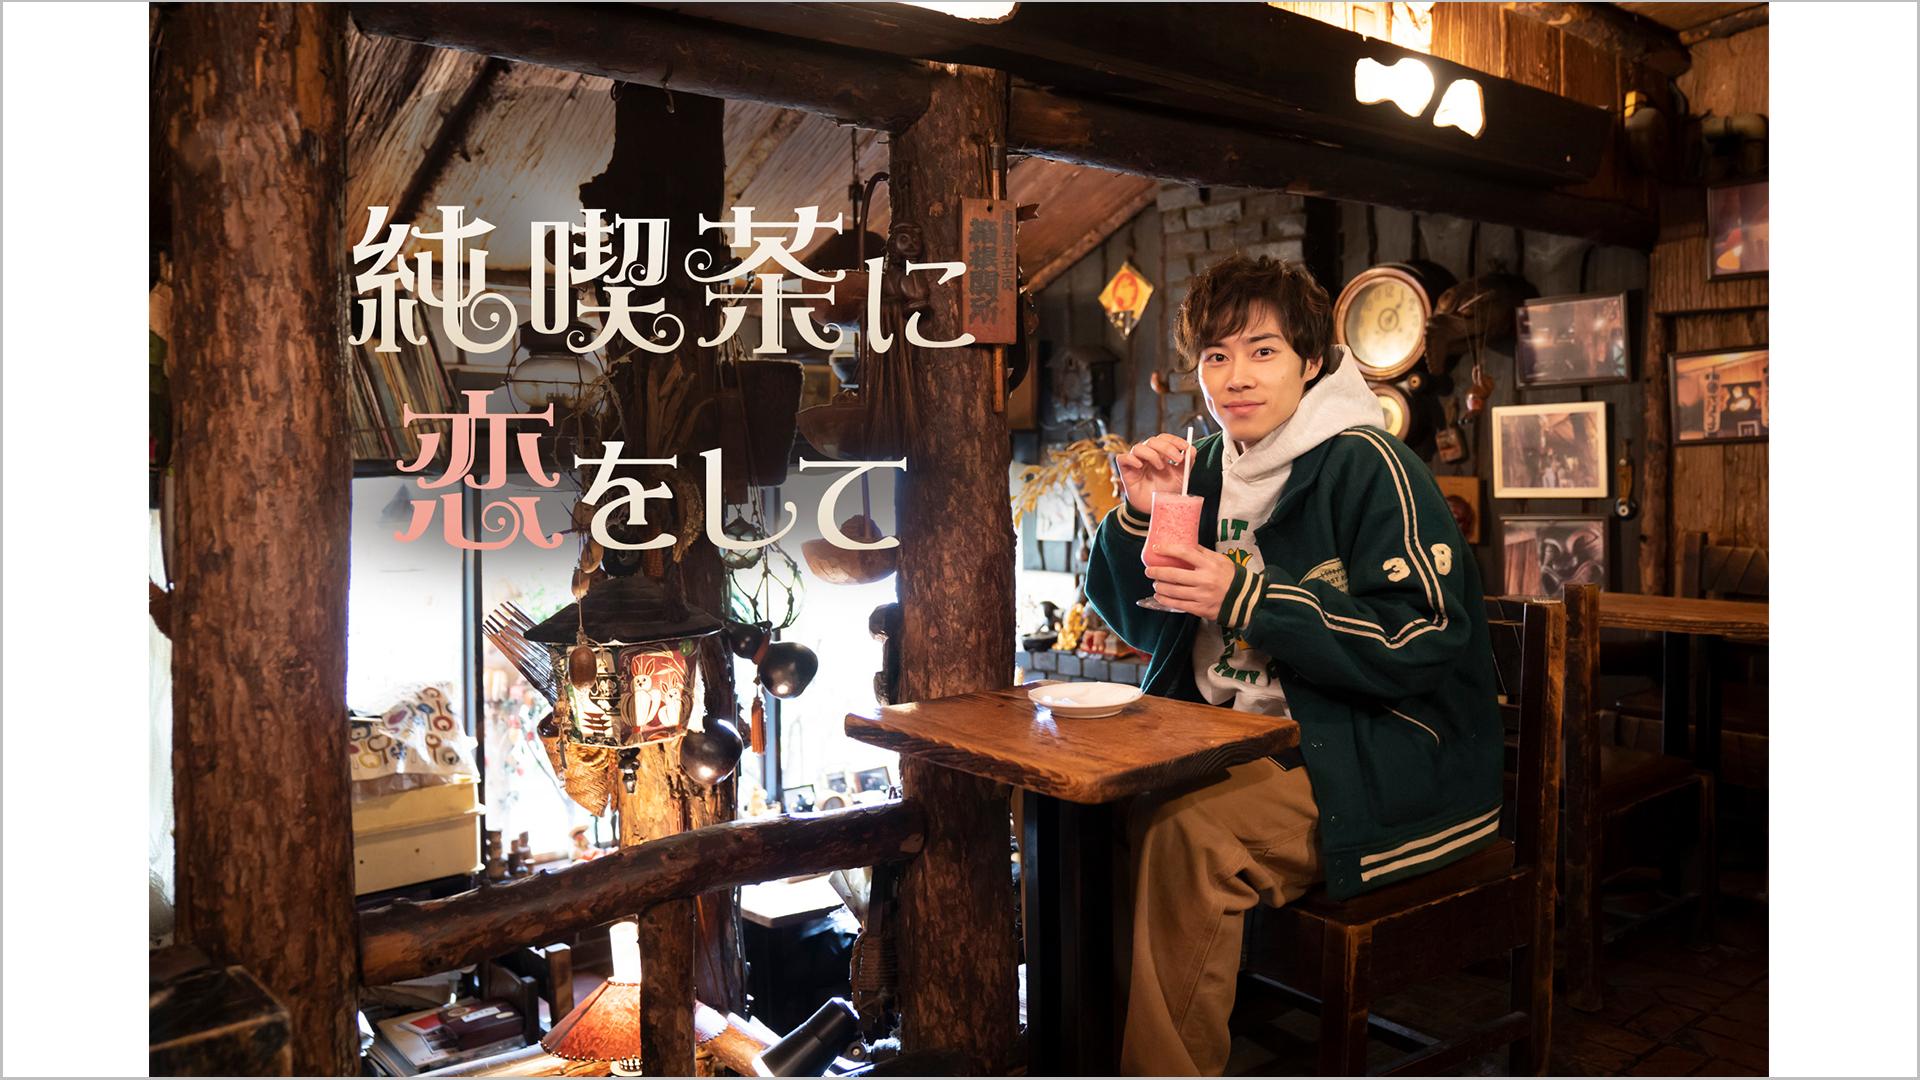 純喫茶に恋をして #3 上野「丘」